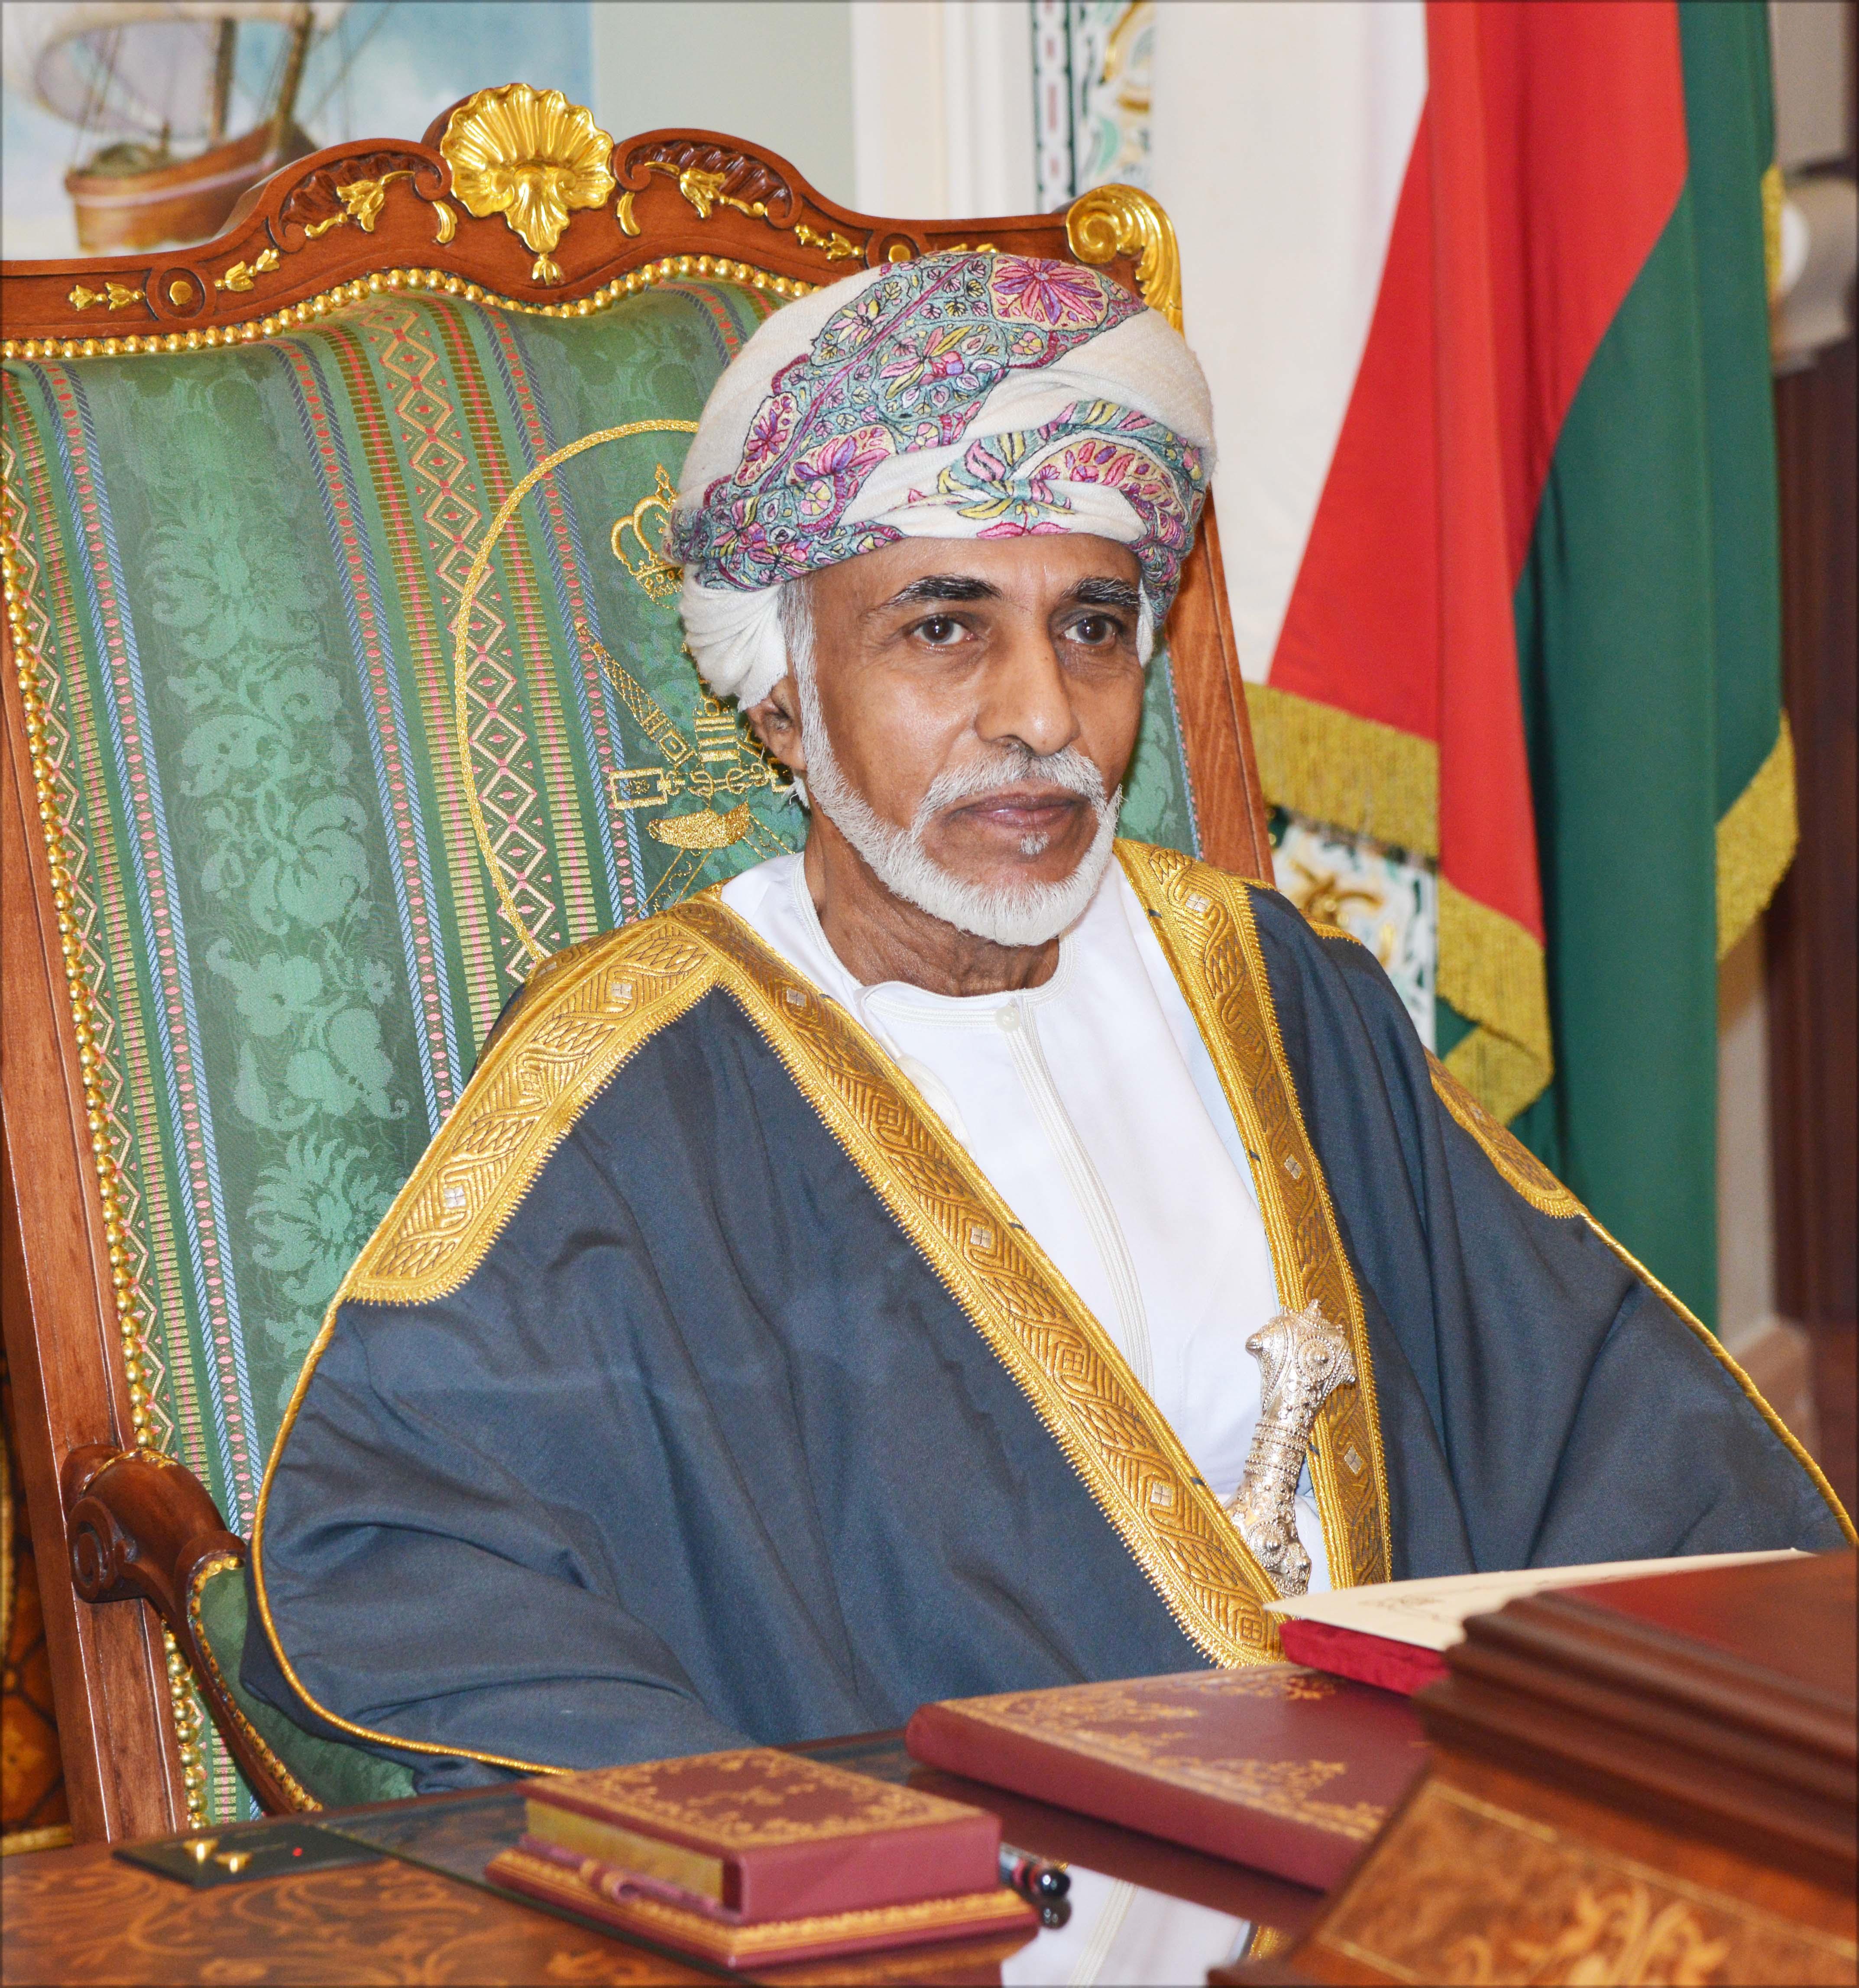 جلالة السلطان يهنئ الرئيس السنغافوري